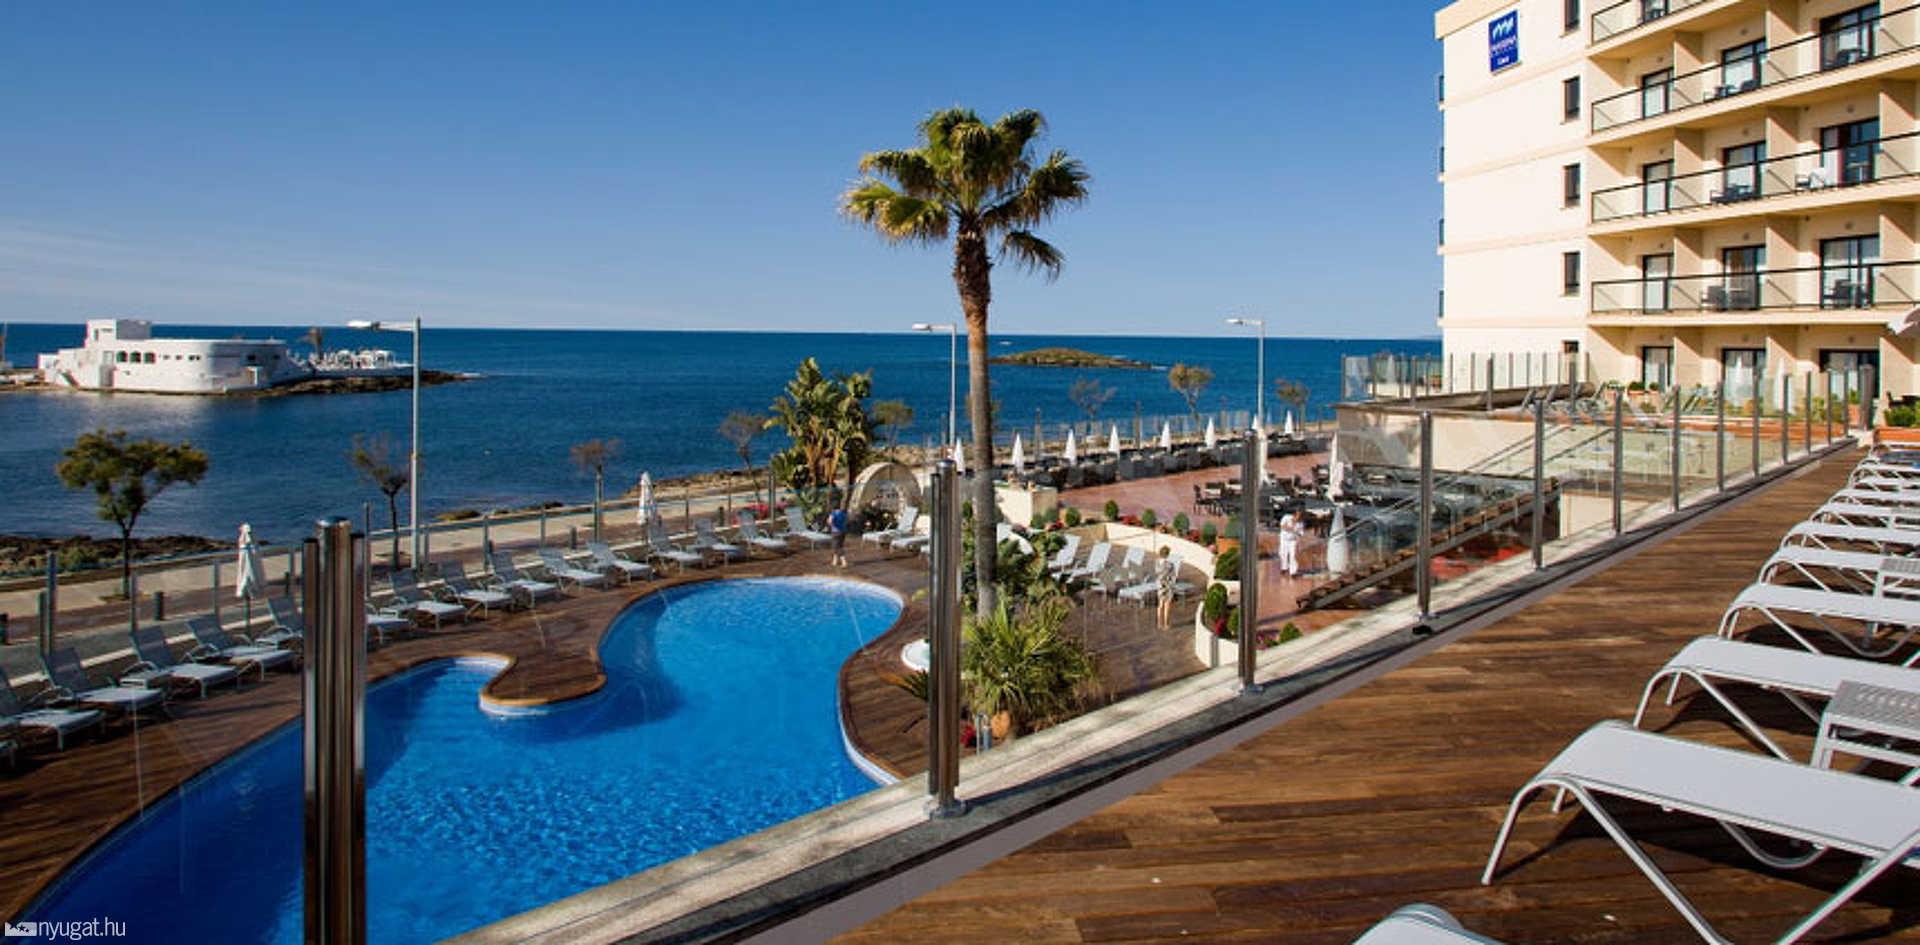 Egy medencés latin buli?JÖHET!(Hotel Marina Luz**** - Palma (Mallorca), Spanyolország )